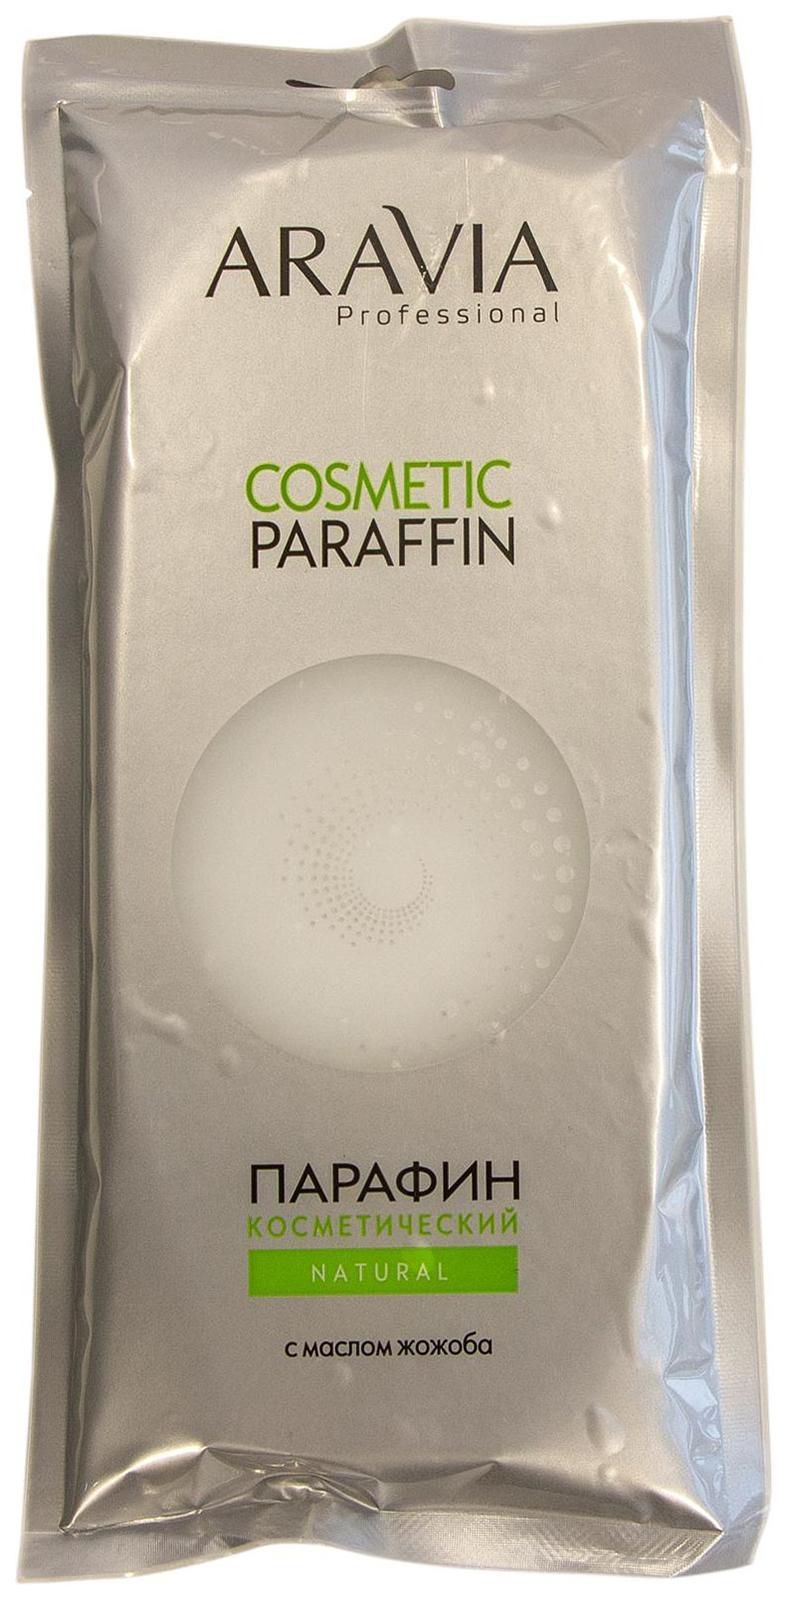 Парафин косметический Aravia Professional Натуральный, 500 г, с маслом жожоба